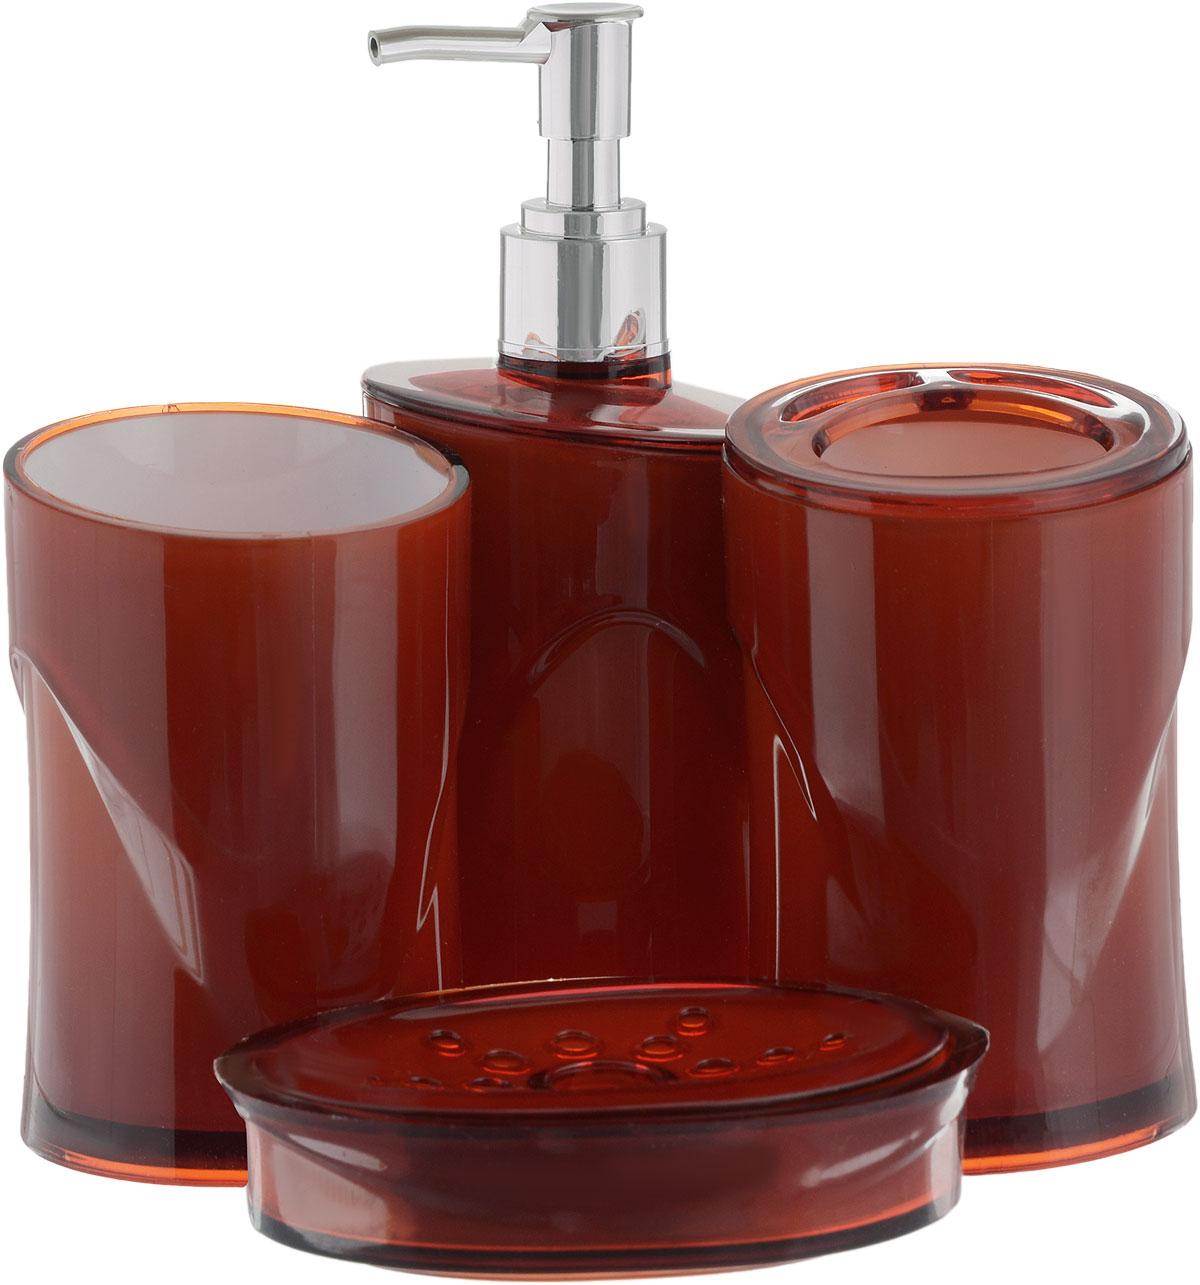 Набор для ванной комнаты Indecor, цвет: терракотовый, 4 предметаIND053cНабор для ванной комнаты Indecor состоит из стакана, стакана для зубных щеток, дозатора для жидкого мыла и мыльницы. Стаканы, дозатор и мыльница изготовлены из высококачественного пластика. Аксессуары, входящие в набор Indecor, выполняют не только практическую, но и декоративную функцию. Они способны внести в помещение изысканность, сделать пребывание в нем приятным и даже незабываемым. Размер стаканов: 7 х 7 х 11 см. Объем стаканов: 300 мл. Размер дозатора: 7 х 7 х 17,5 см. Объем дозатора: 300 мл. Размер мыльницы: 11,5 х 9 х 3 см.